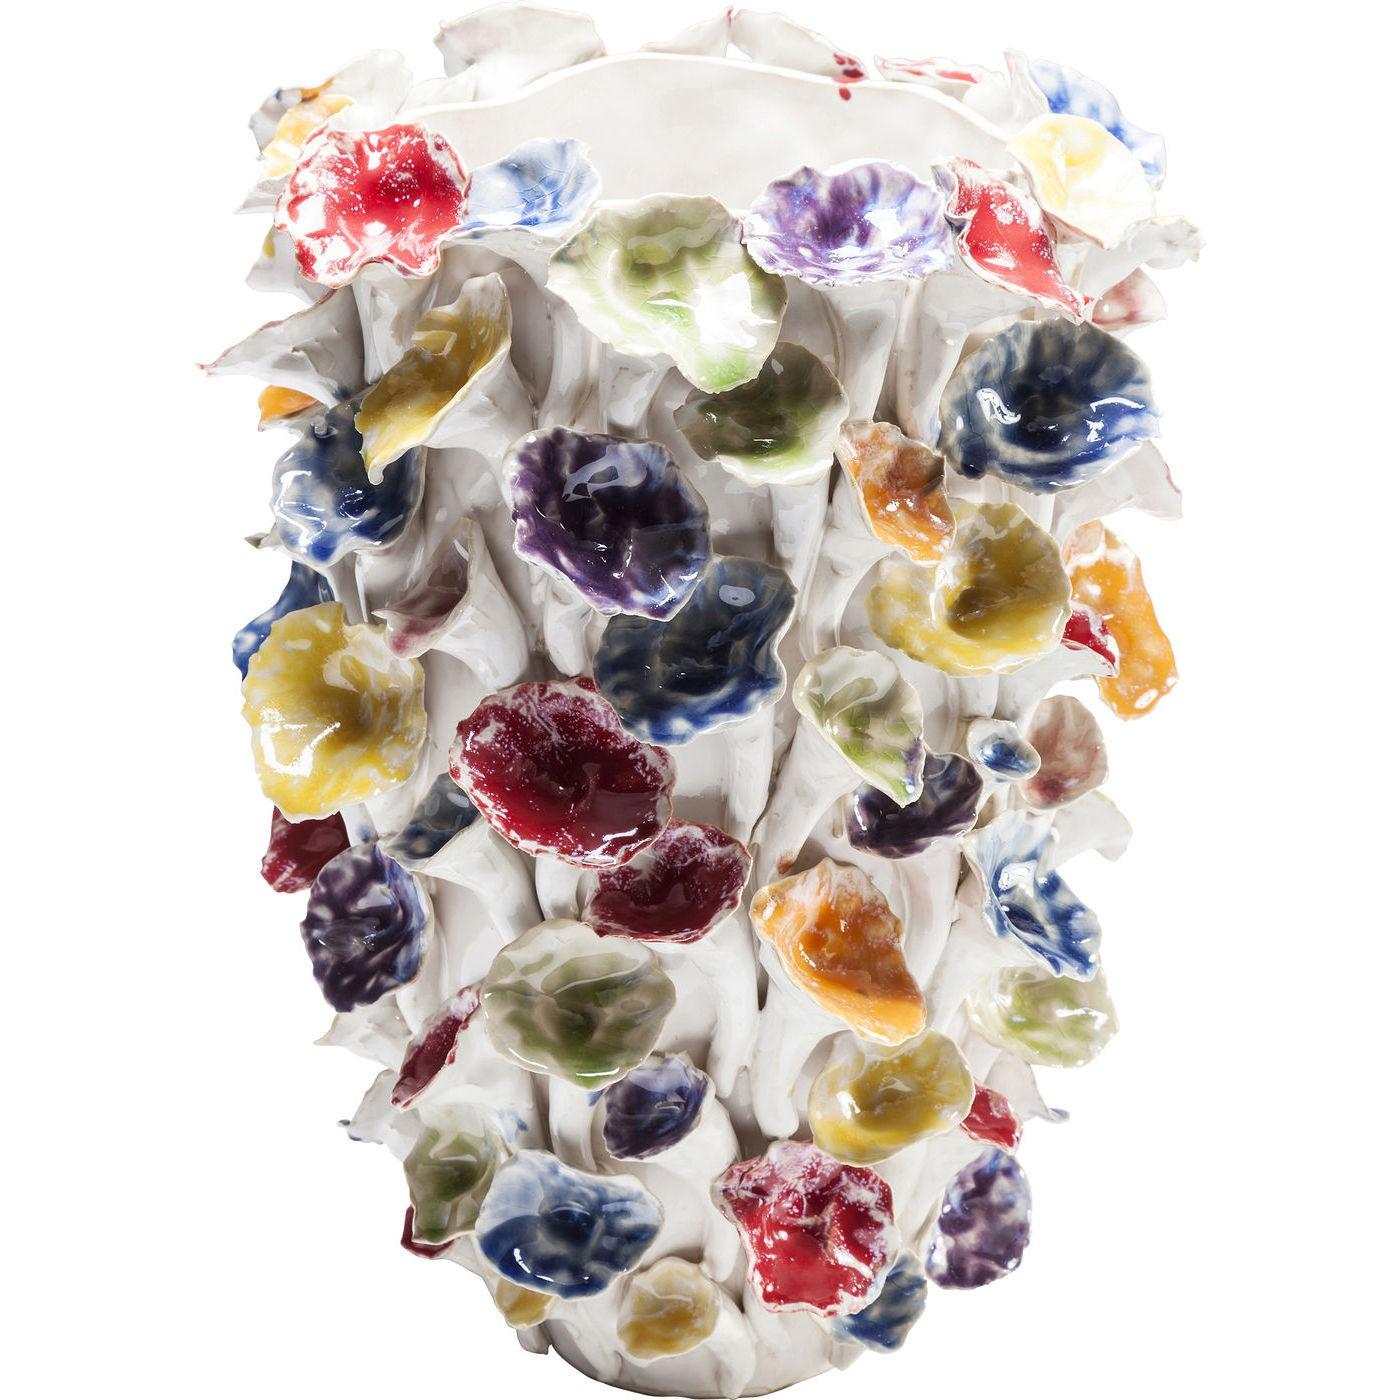 kare design Kare design vase, leaf colore 36 cm på boboonline.dk